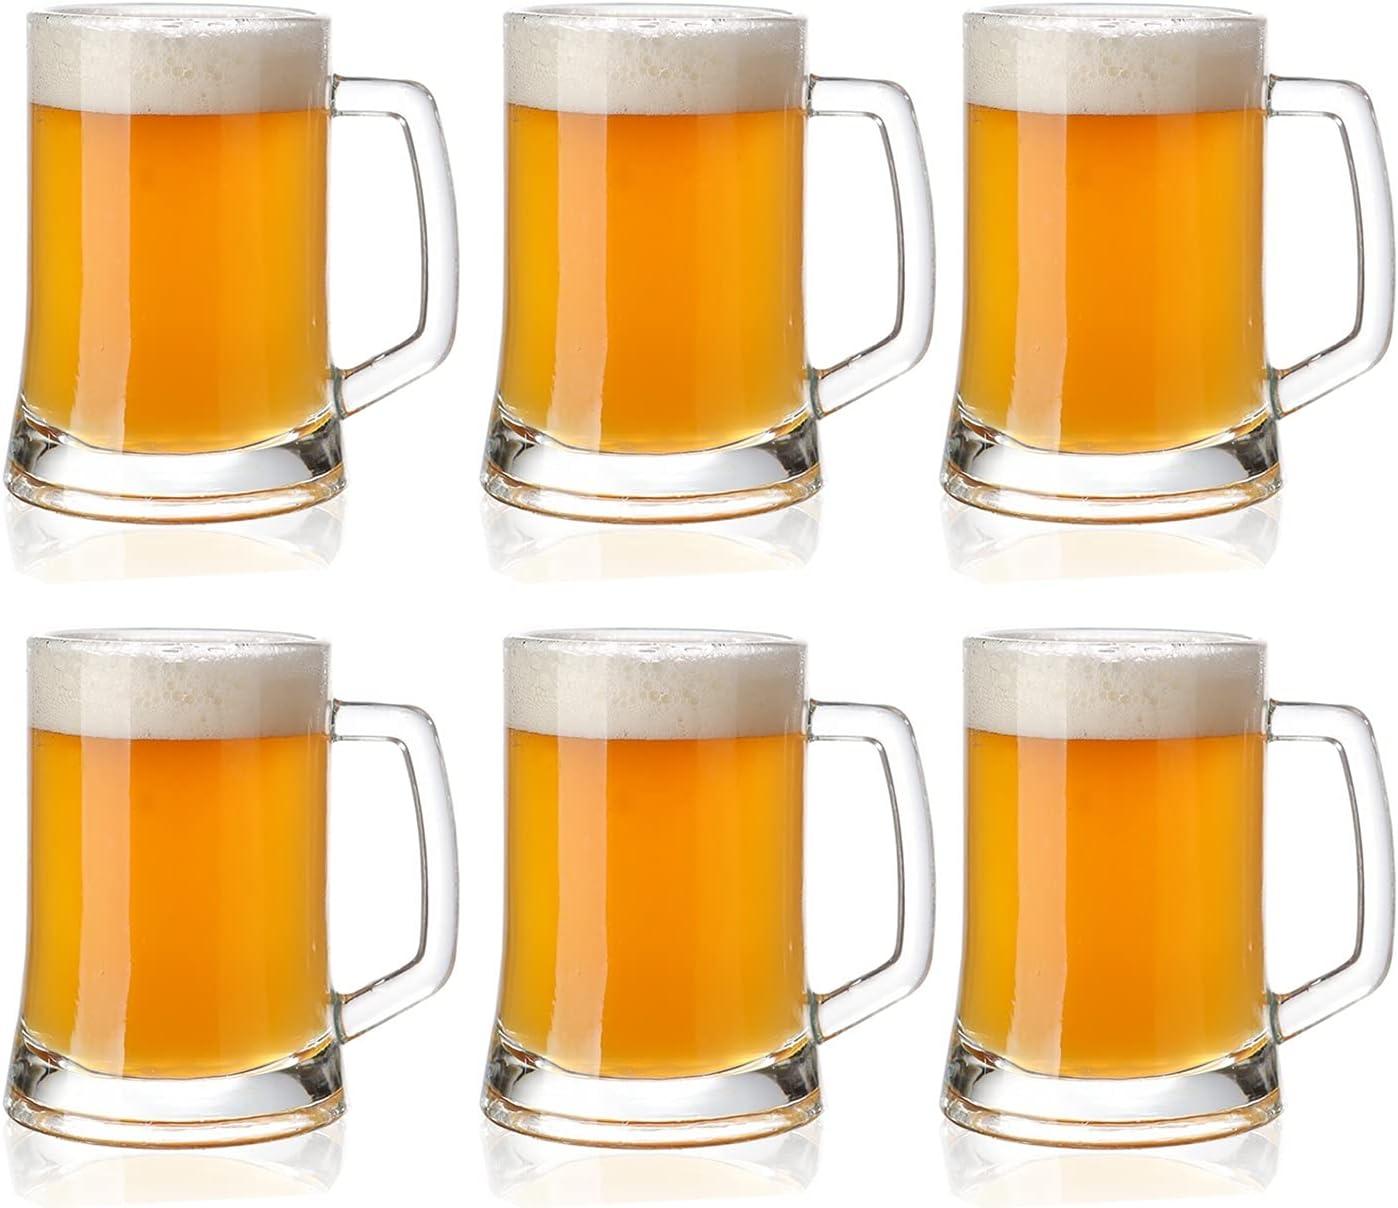 DONGTAISHANGCHENG Jarras de Cerveza Taza de Cerveza Grande 17 onzas Tazas Grandes de Vidrio con Mango Medio litro Taza de Cerveza litros Gafas Reutilizable Cerveza Vidrio 6 Paquete